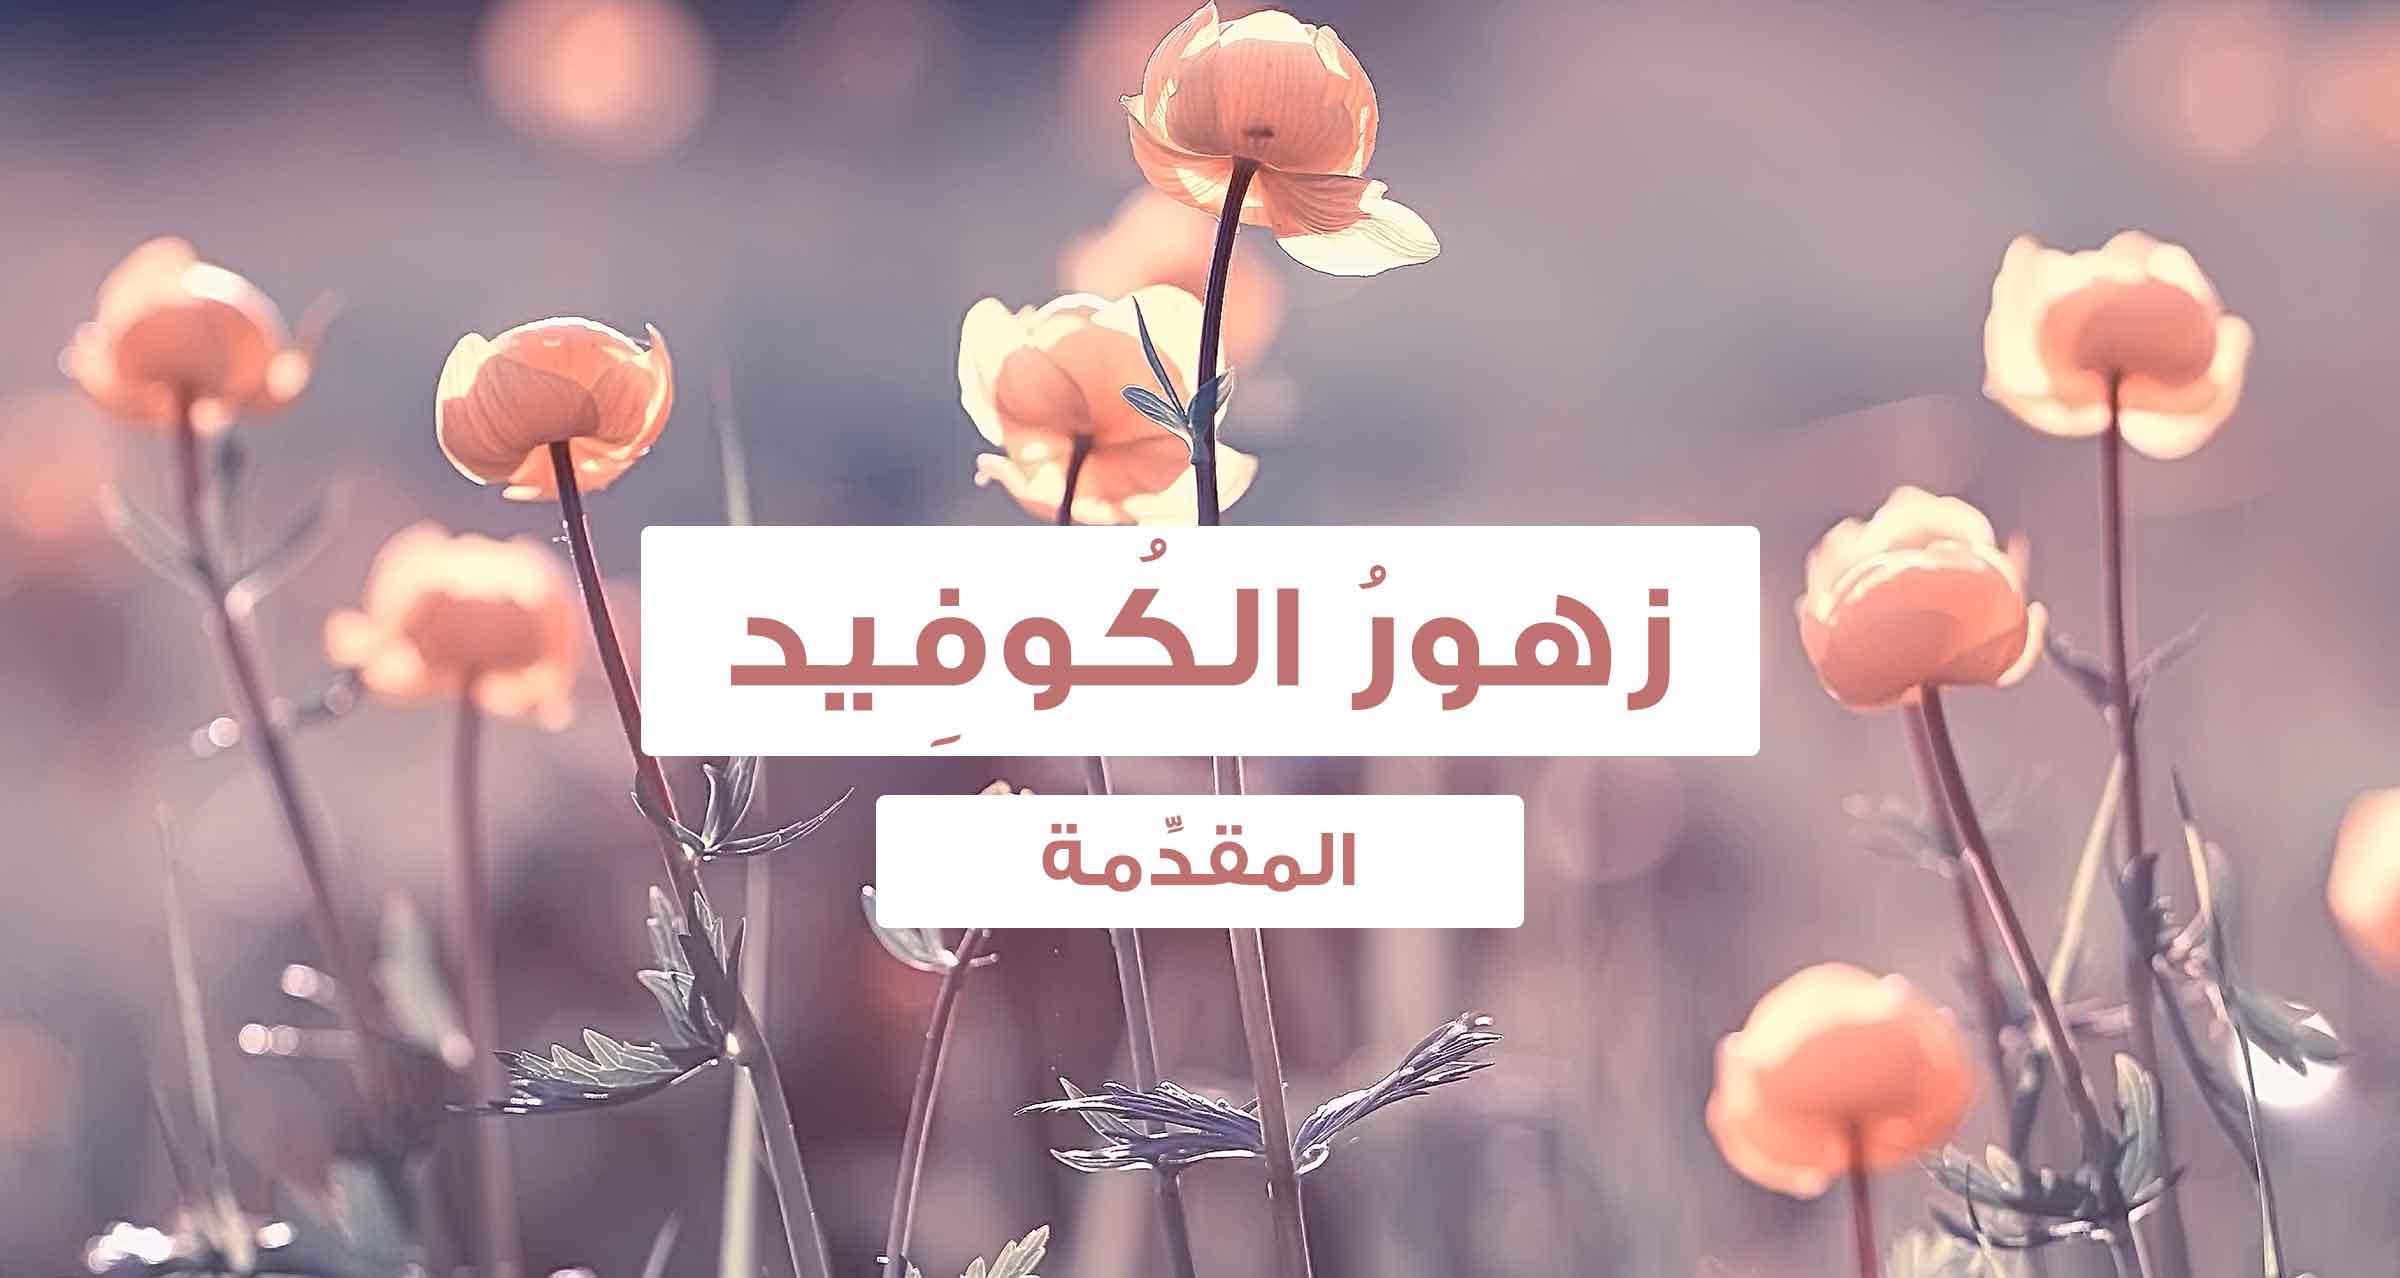 وَقَفَاتٌ إِيمَانِيَّةٌ (زهورُ الكُوفِيد) المقدِّمة